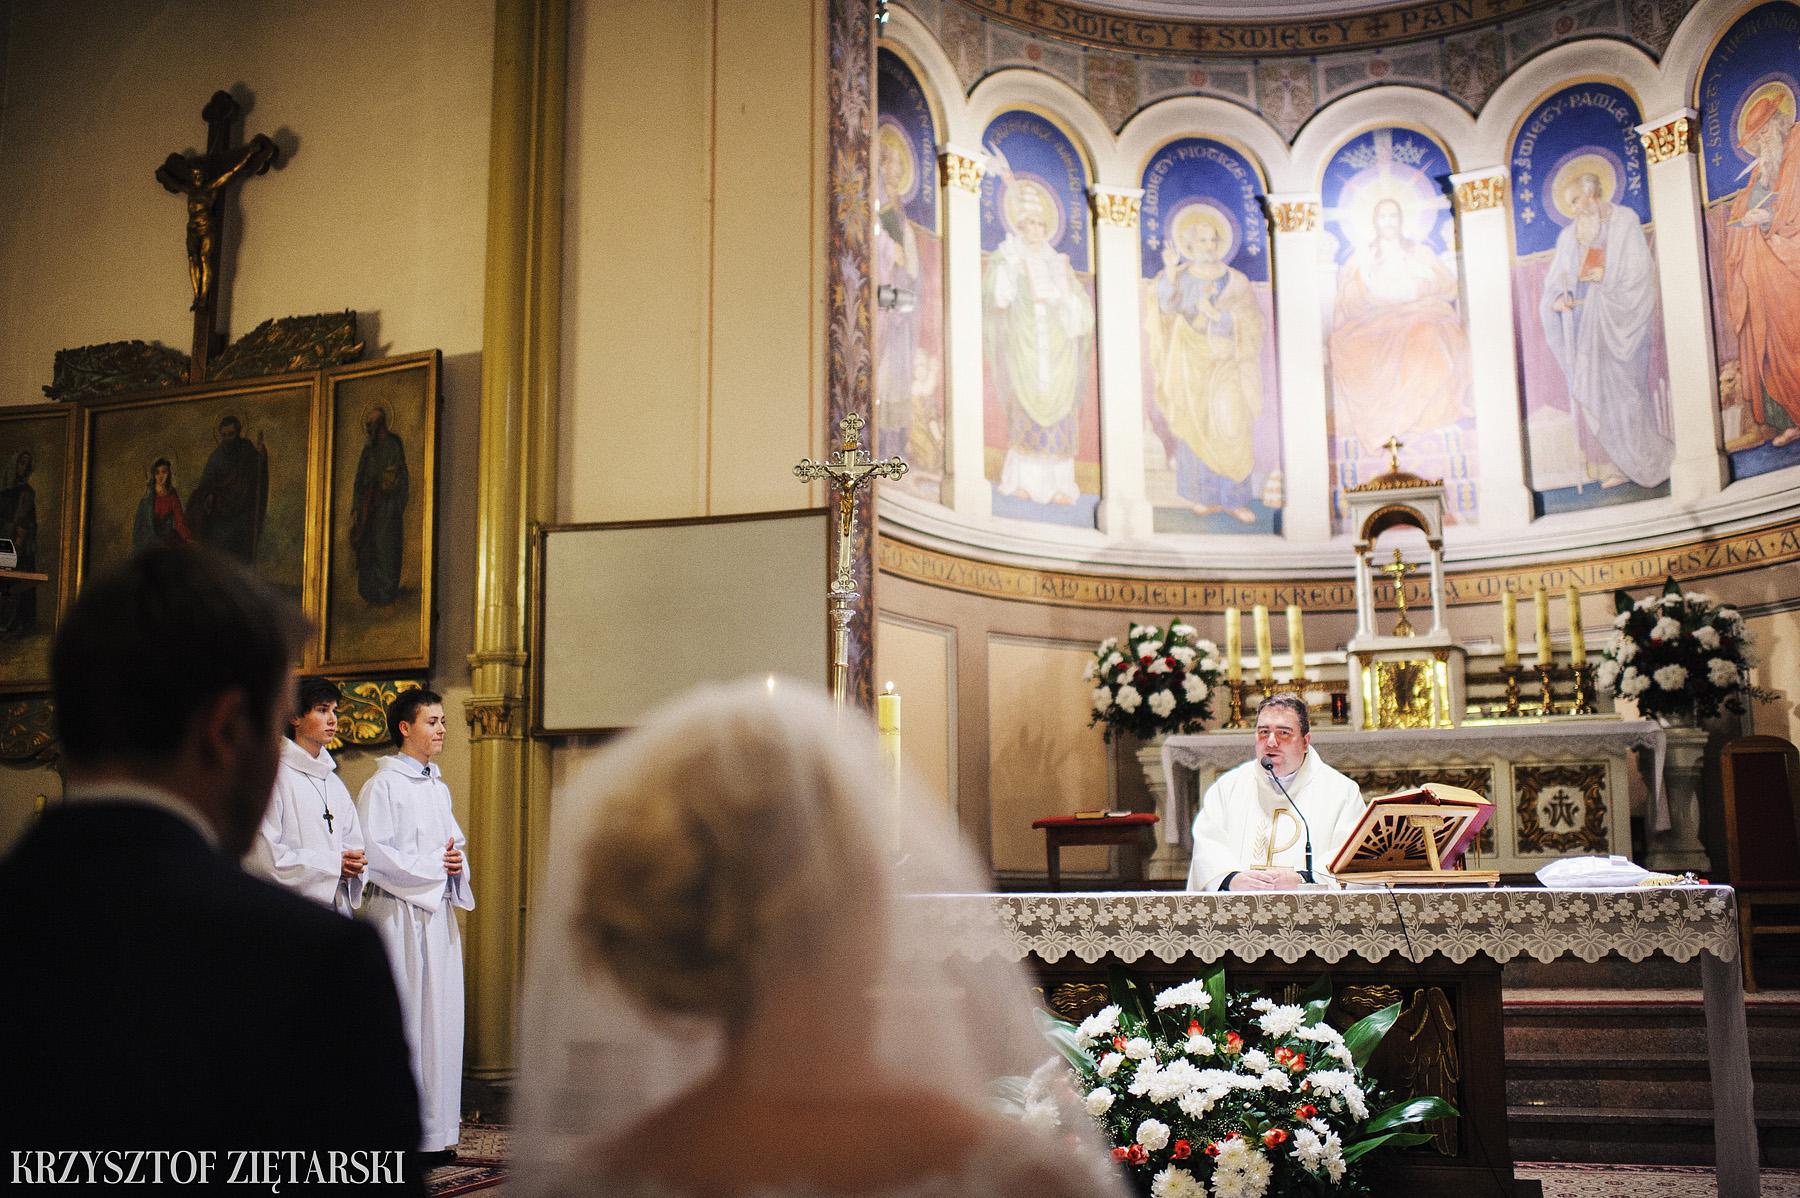 Agnieszka i Jacek - Fotografia ślubna Słupsk, kościół NSJ, wesele Gościniec Młyn Słupski, plener ślubny w Gdyni - 24.